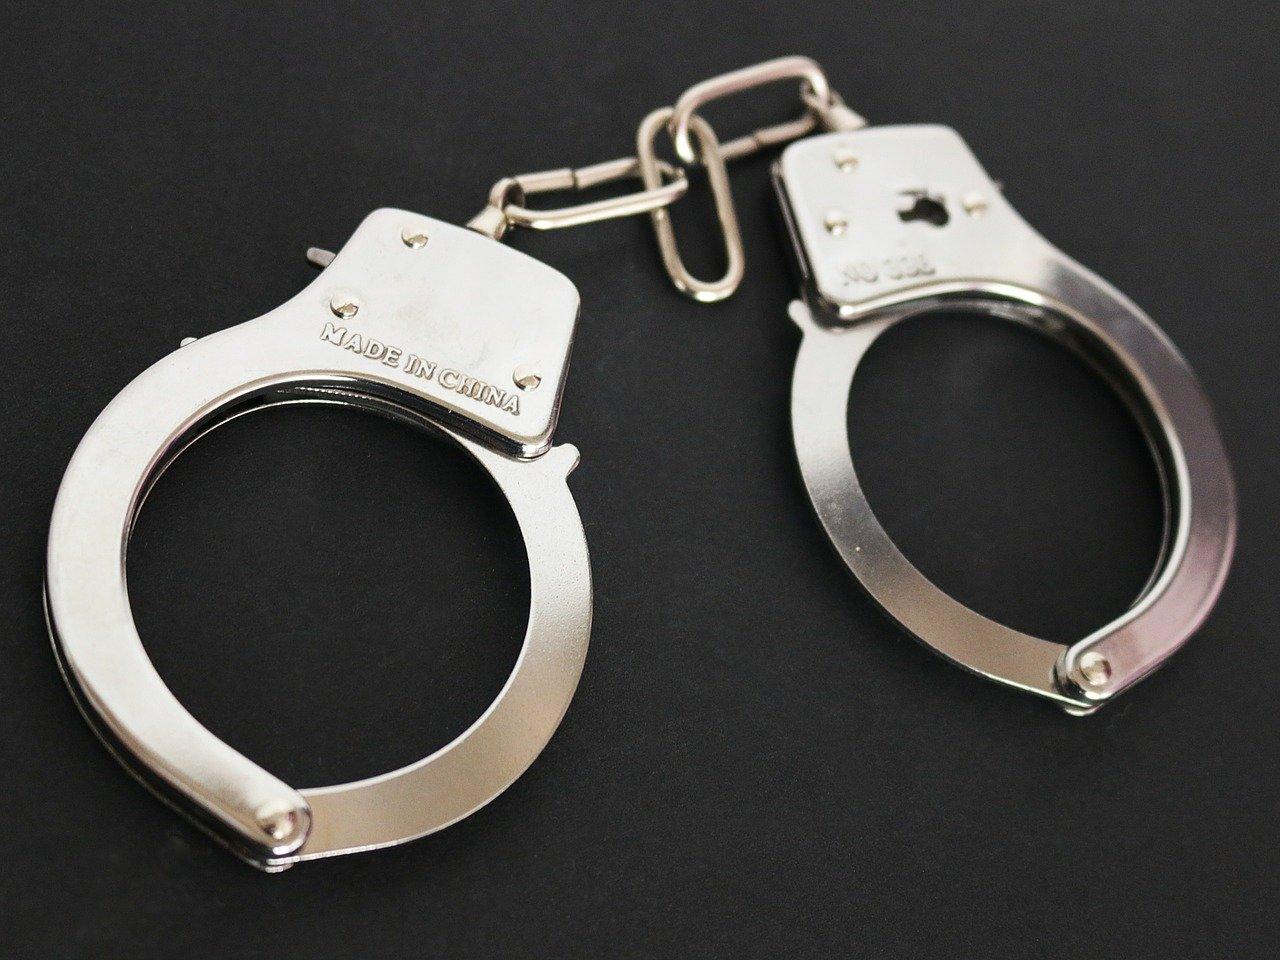 arresto-detencion-esposas-justicia